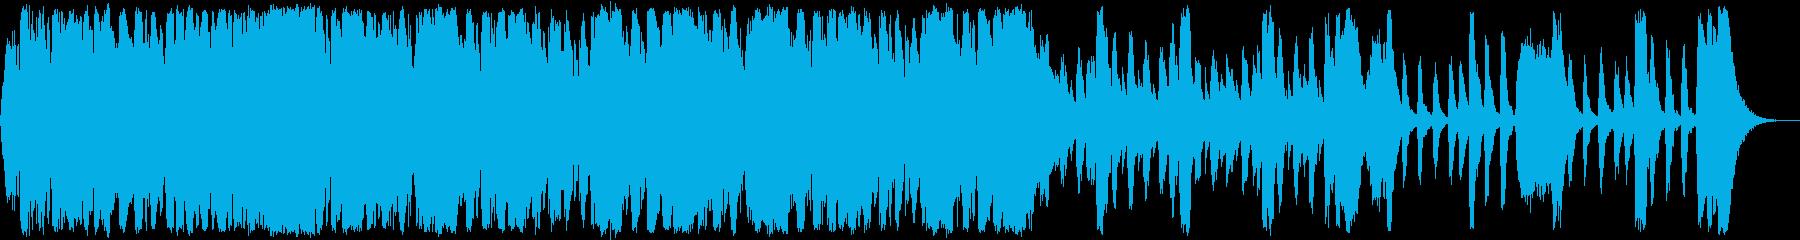 戦国の壮絶な戦い和風エピックオーケストラの再生済みの波形